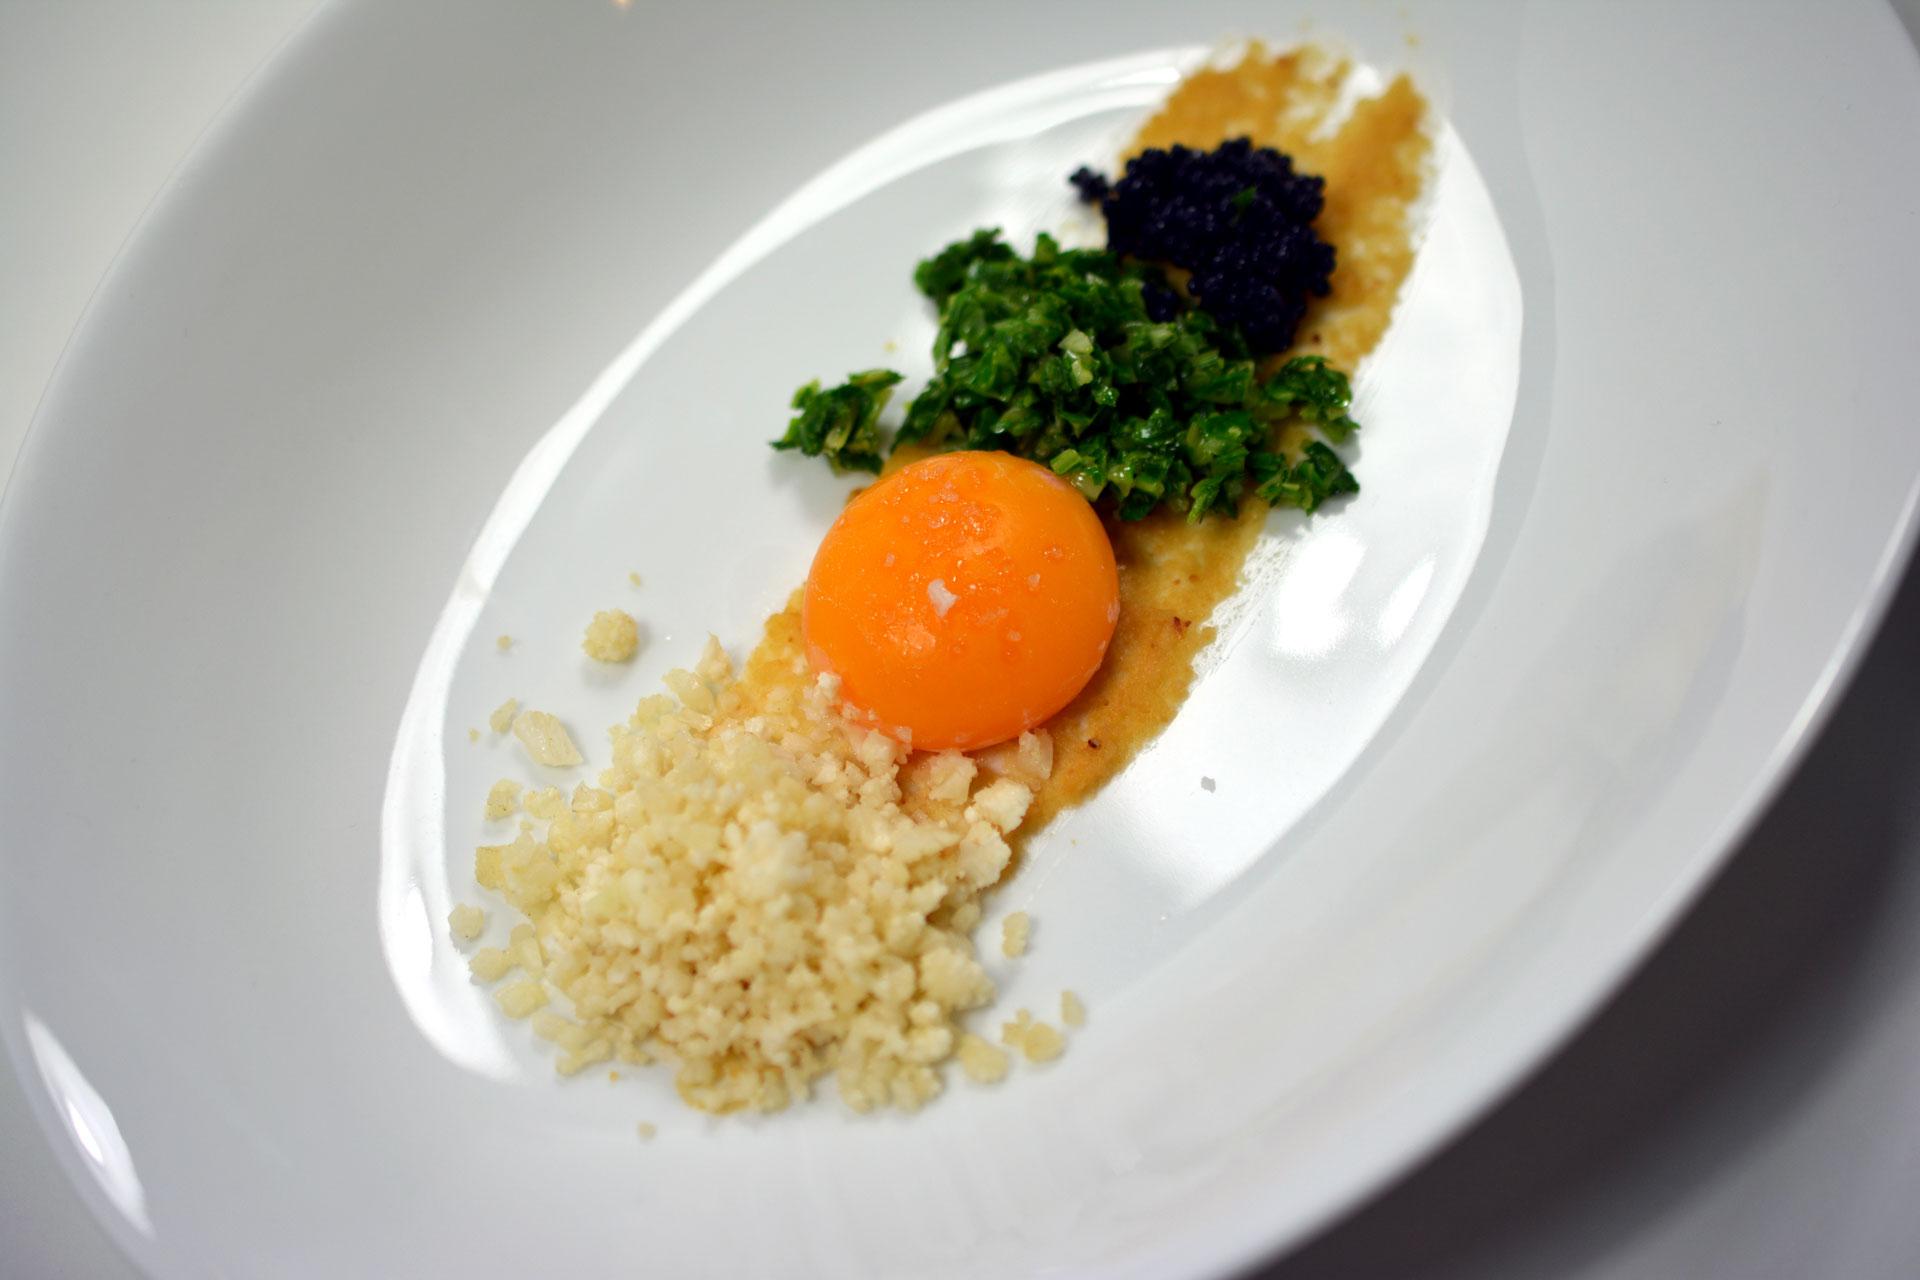 Karfiolcremesuppe mit Eidotter und Kaviar